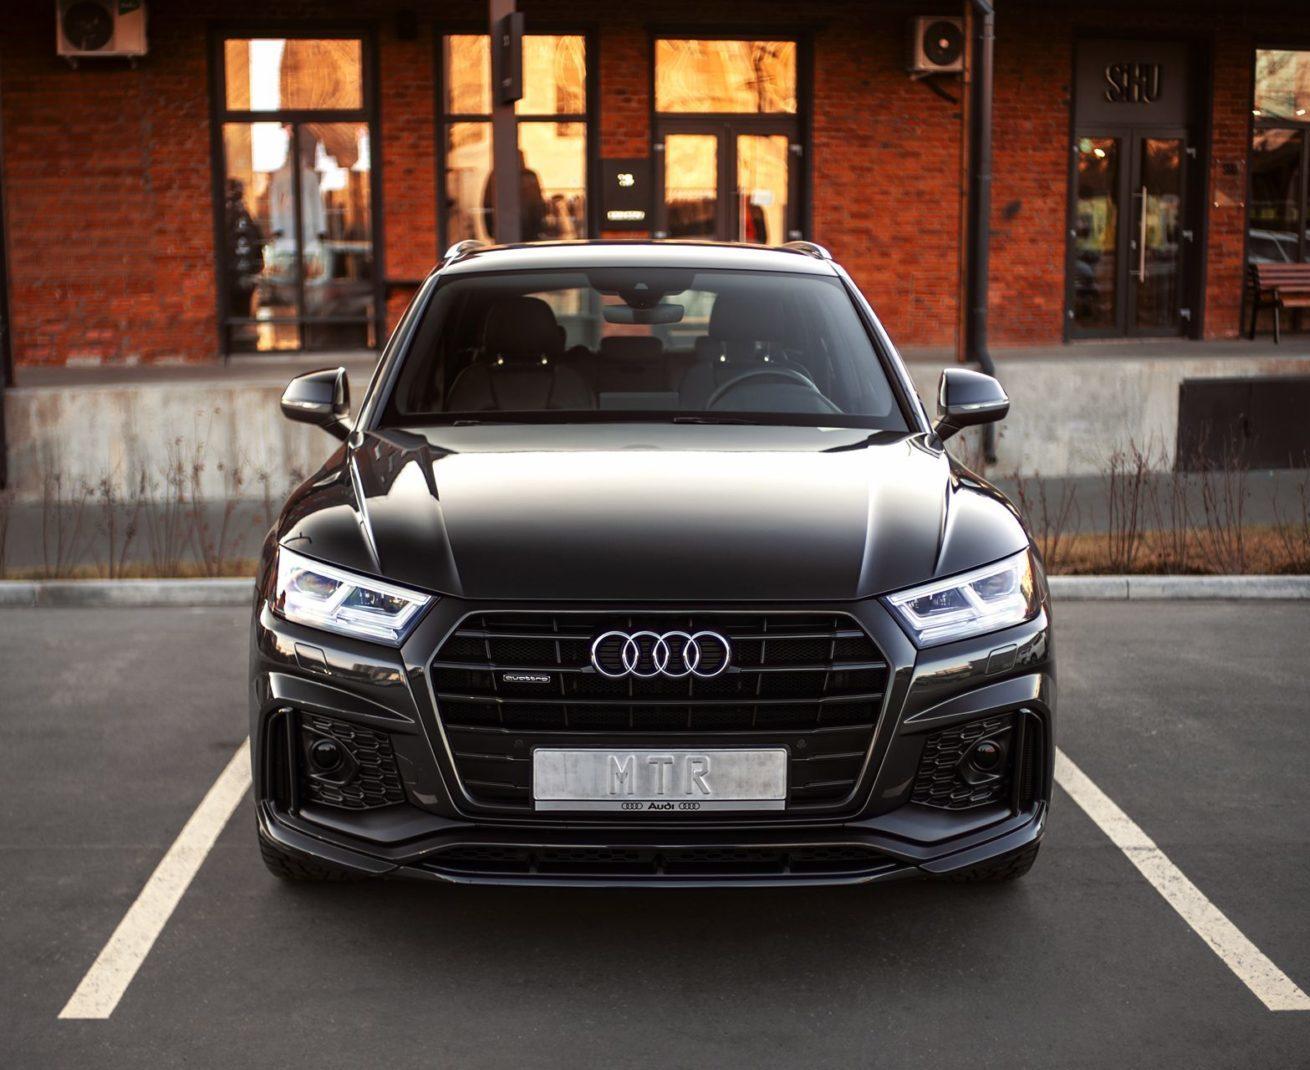 MTR Design Body Kit for Audi Q5/SQ5 new model